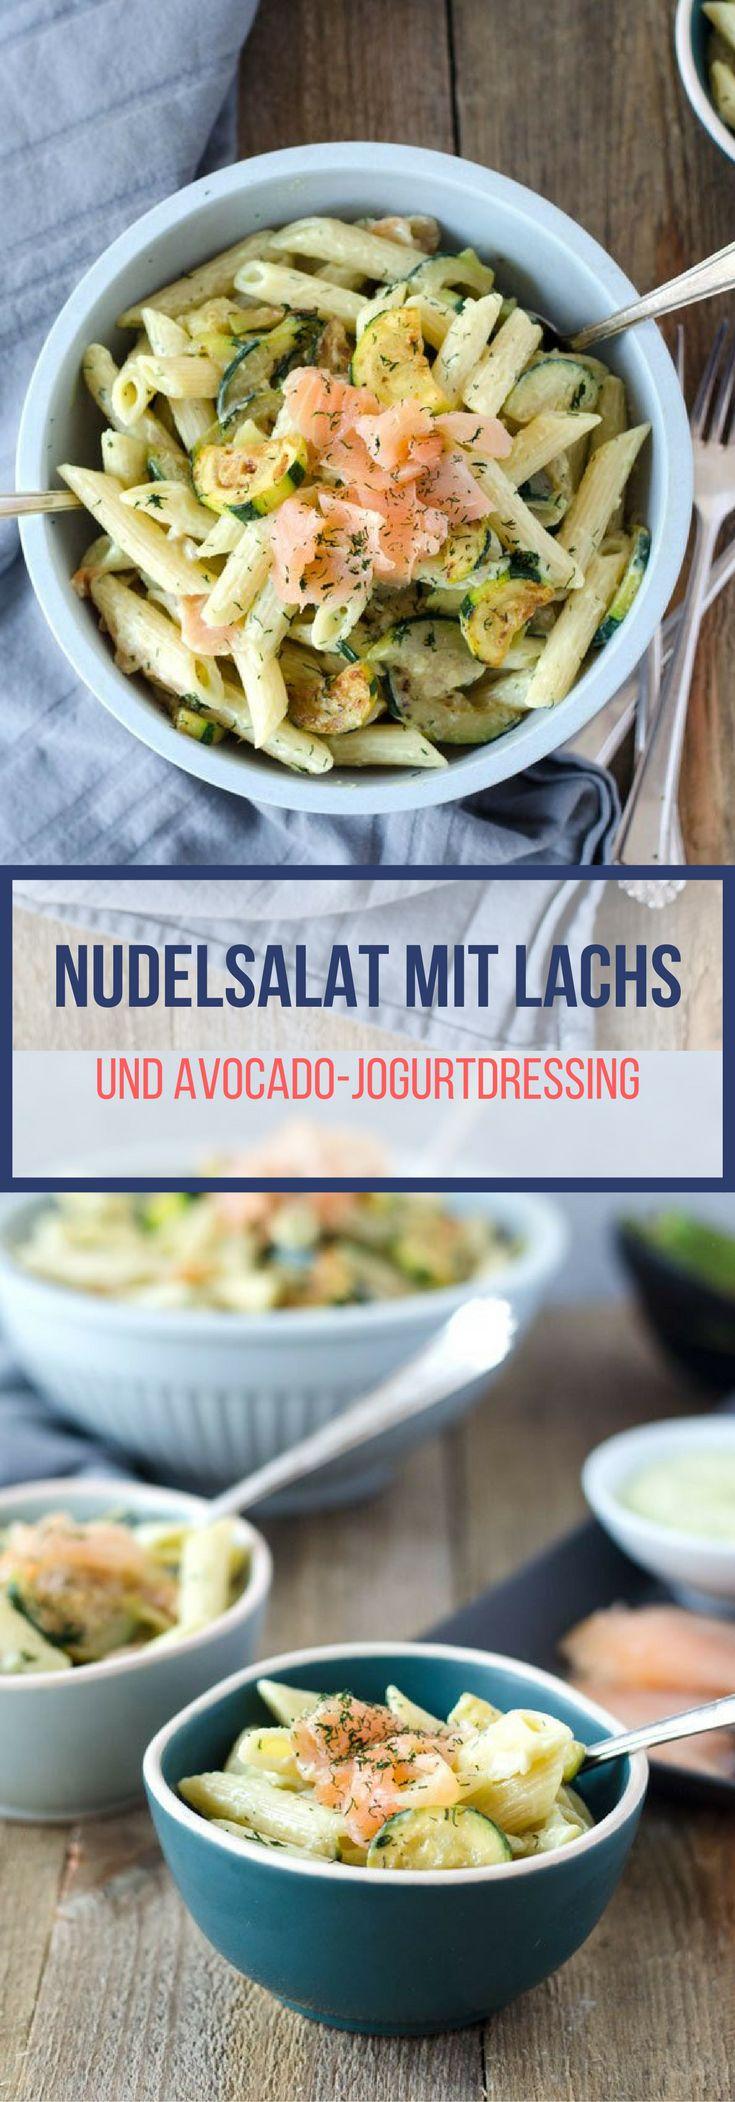 Nudelsalat mit Lachs und Avocado-Jogurtdressing - Eine Prise Lecker